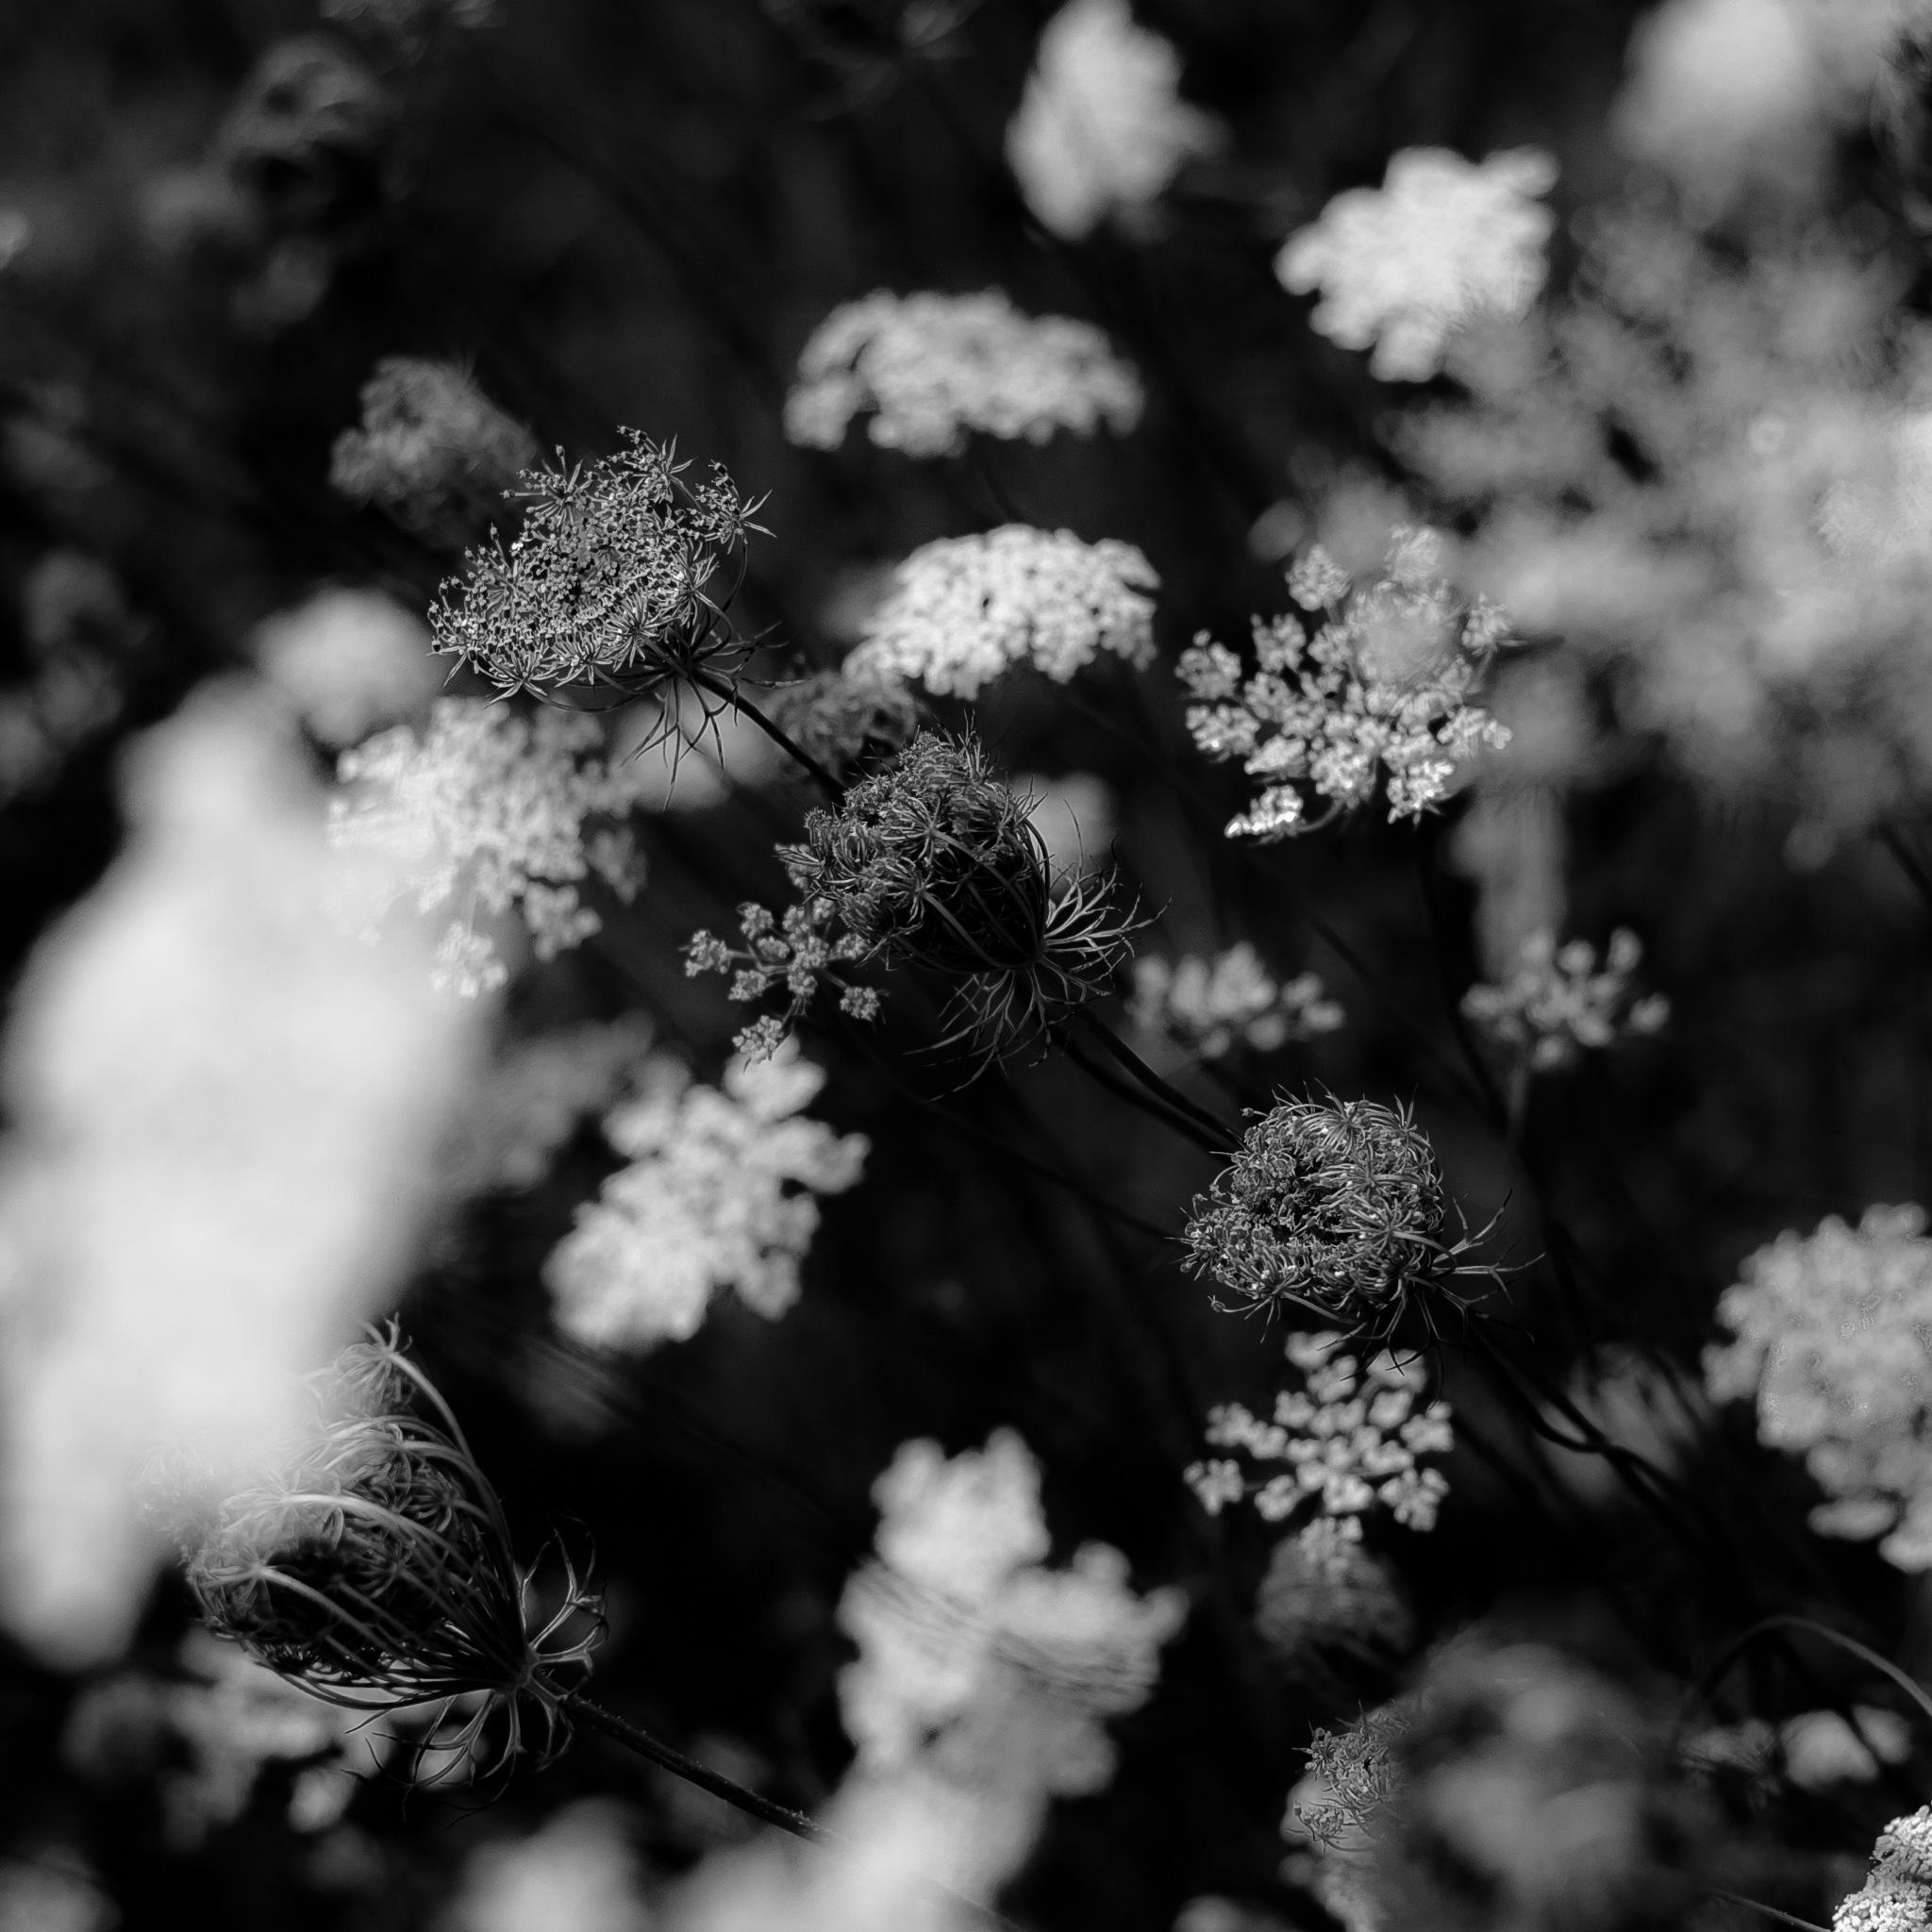 Summer Wildflowers 050 by Noah Weiner